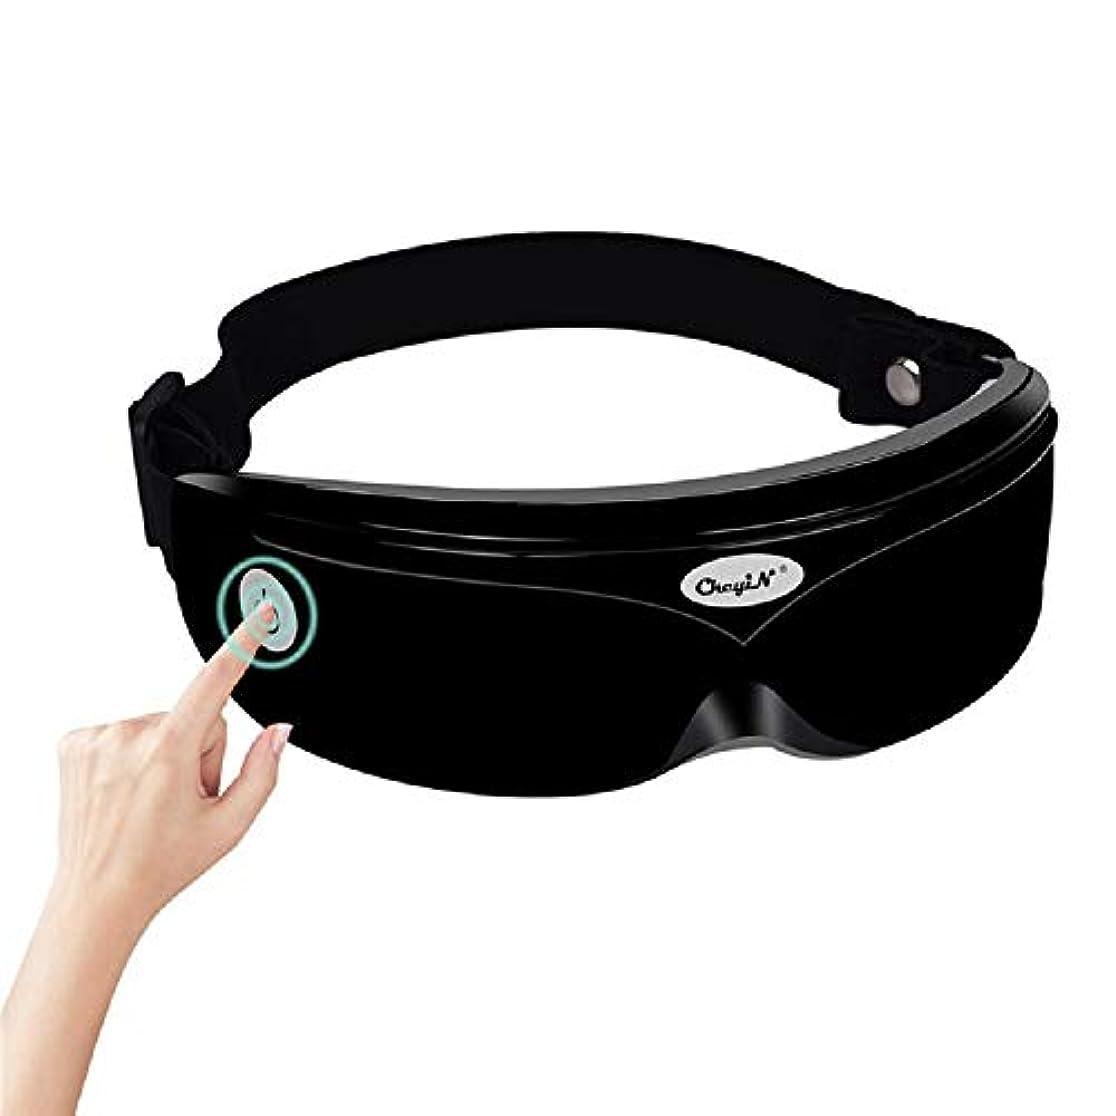 致命的な幻想真面目なアイバッグ、ダークサークル、アイ疲労、ドライアイのための空気圧振動とブルートゥース機能付き熱圧縮充電式ワイヤレスアイマッサージャーマスク付き電動アイマッサージャー